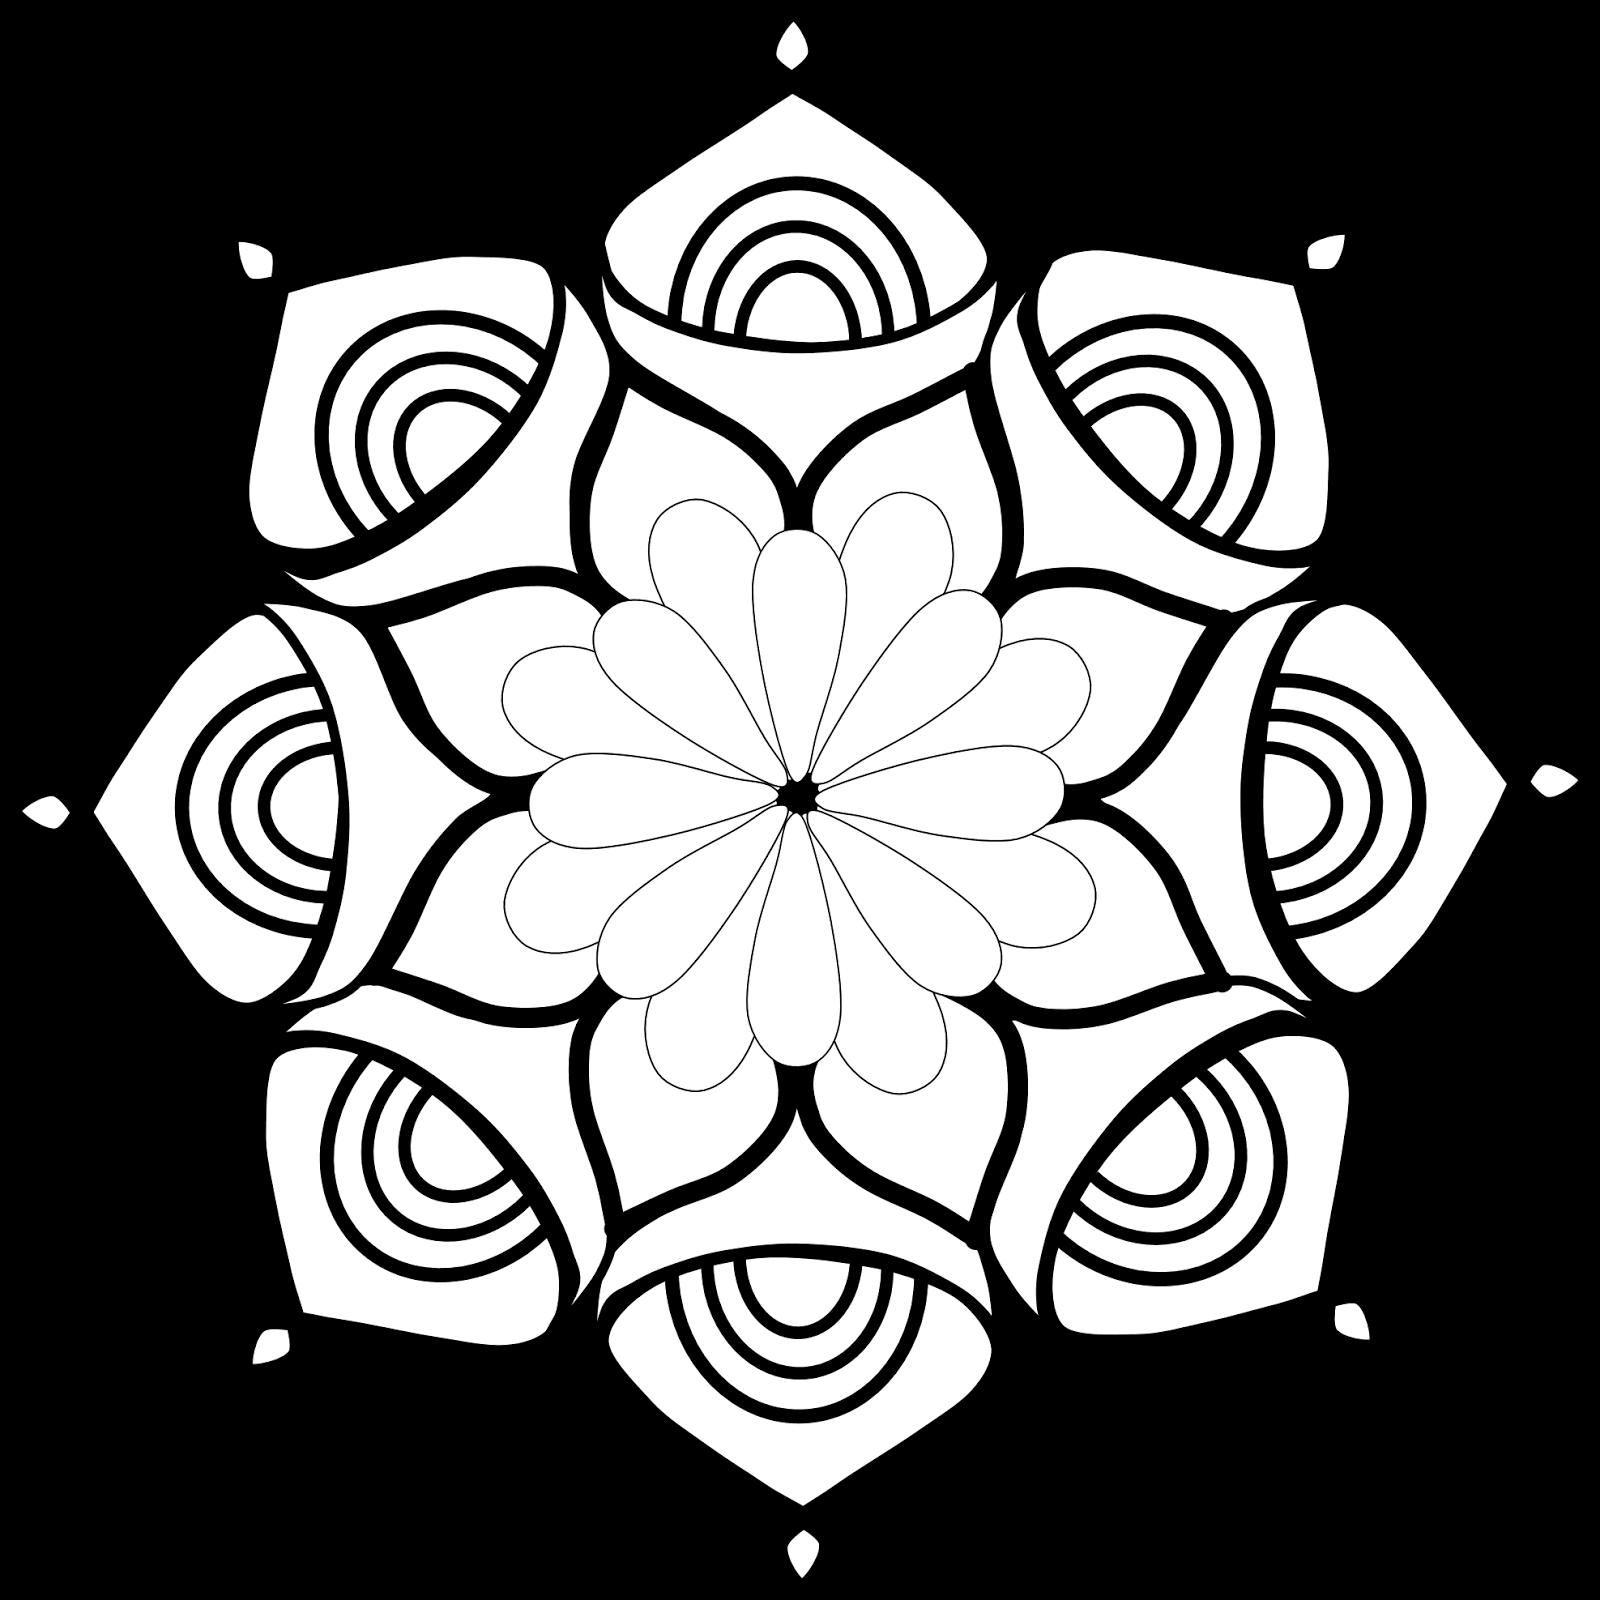 ... Mandala clip art - ClipartFox ...